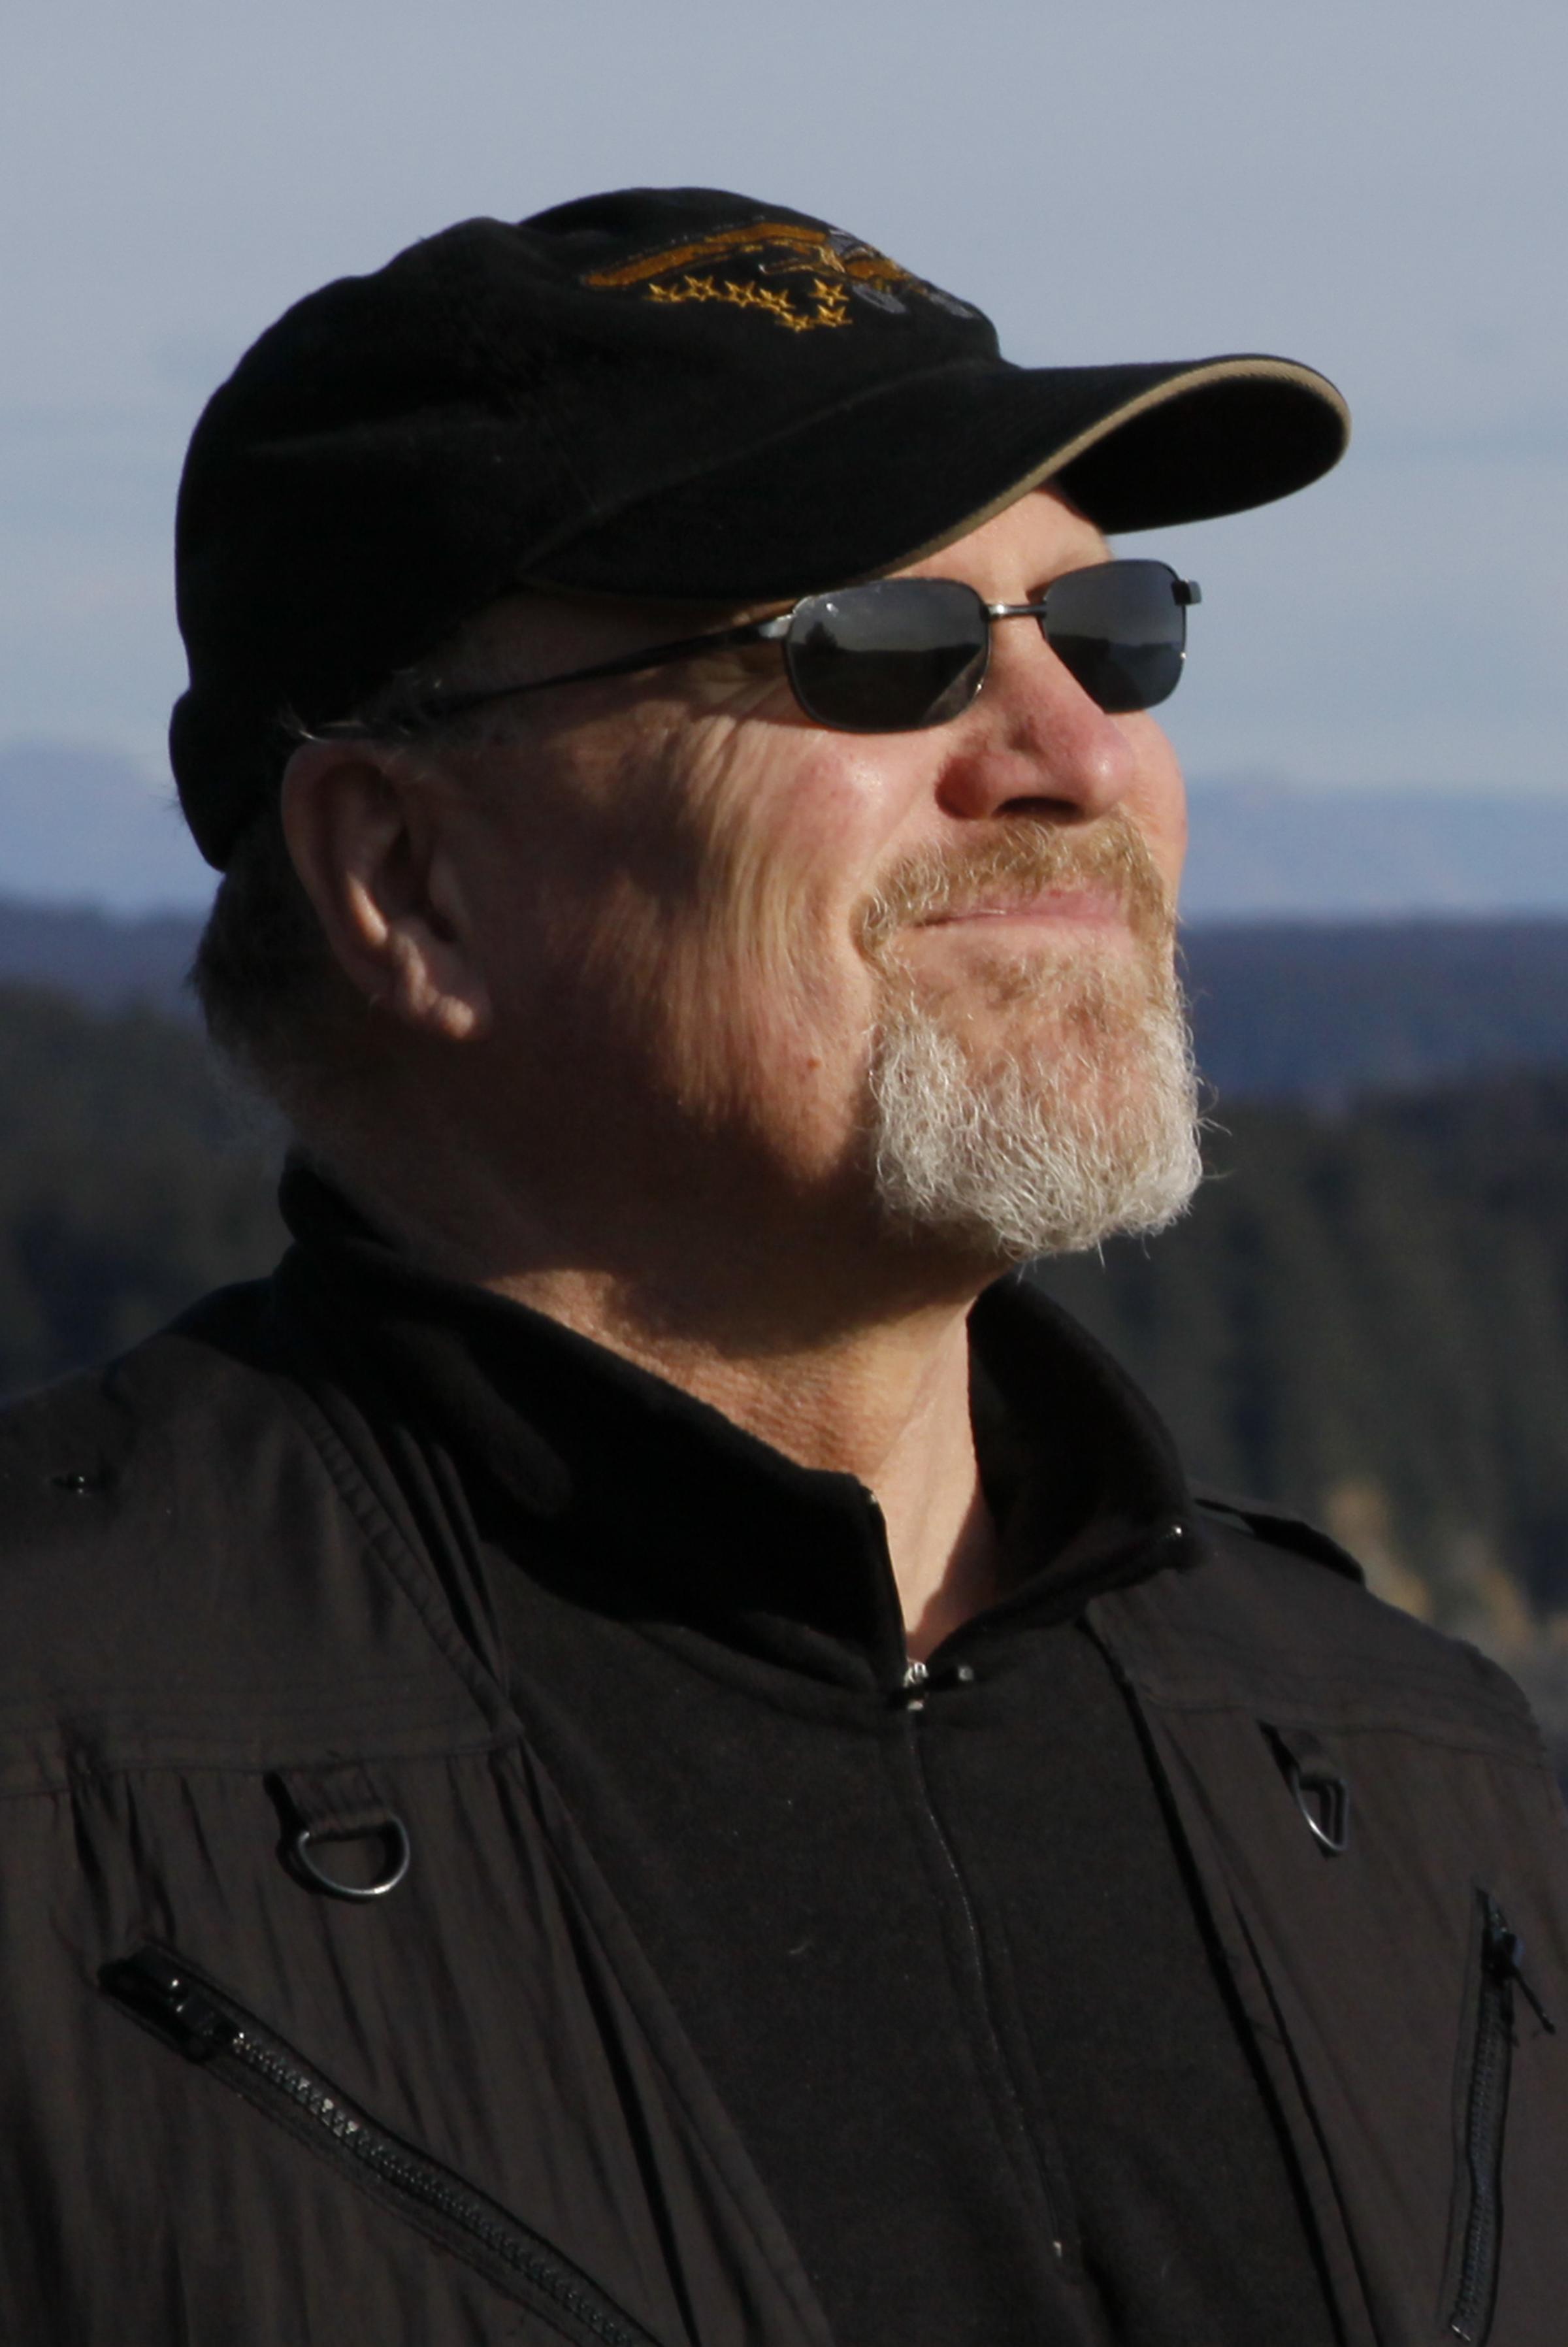 Image of Rob Stapleton while on Kodiak Island.